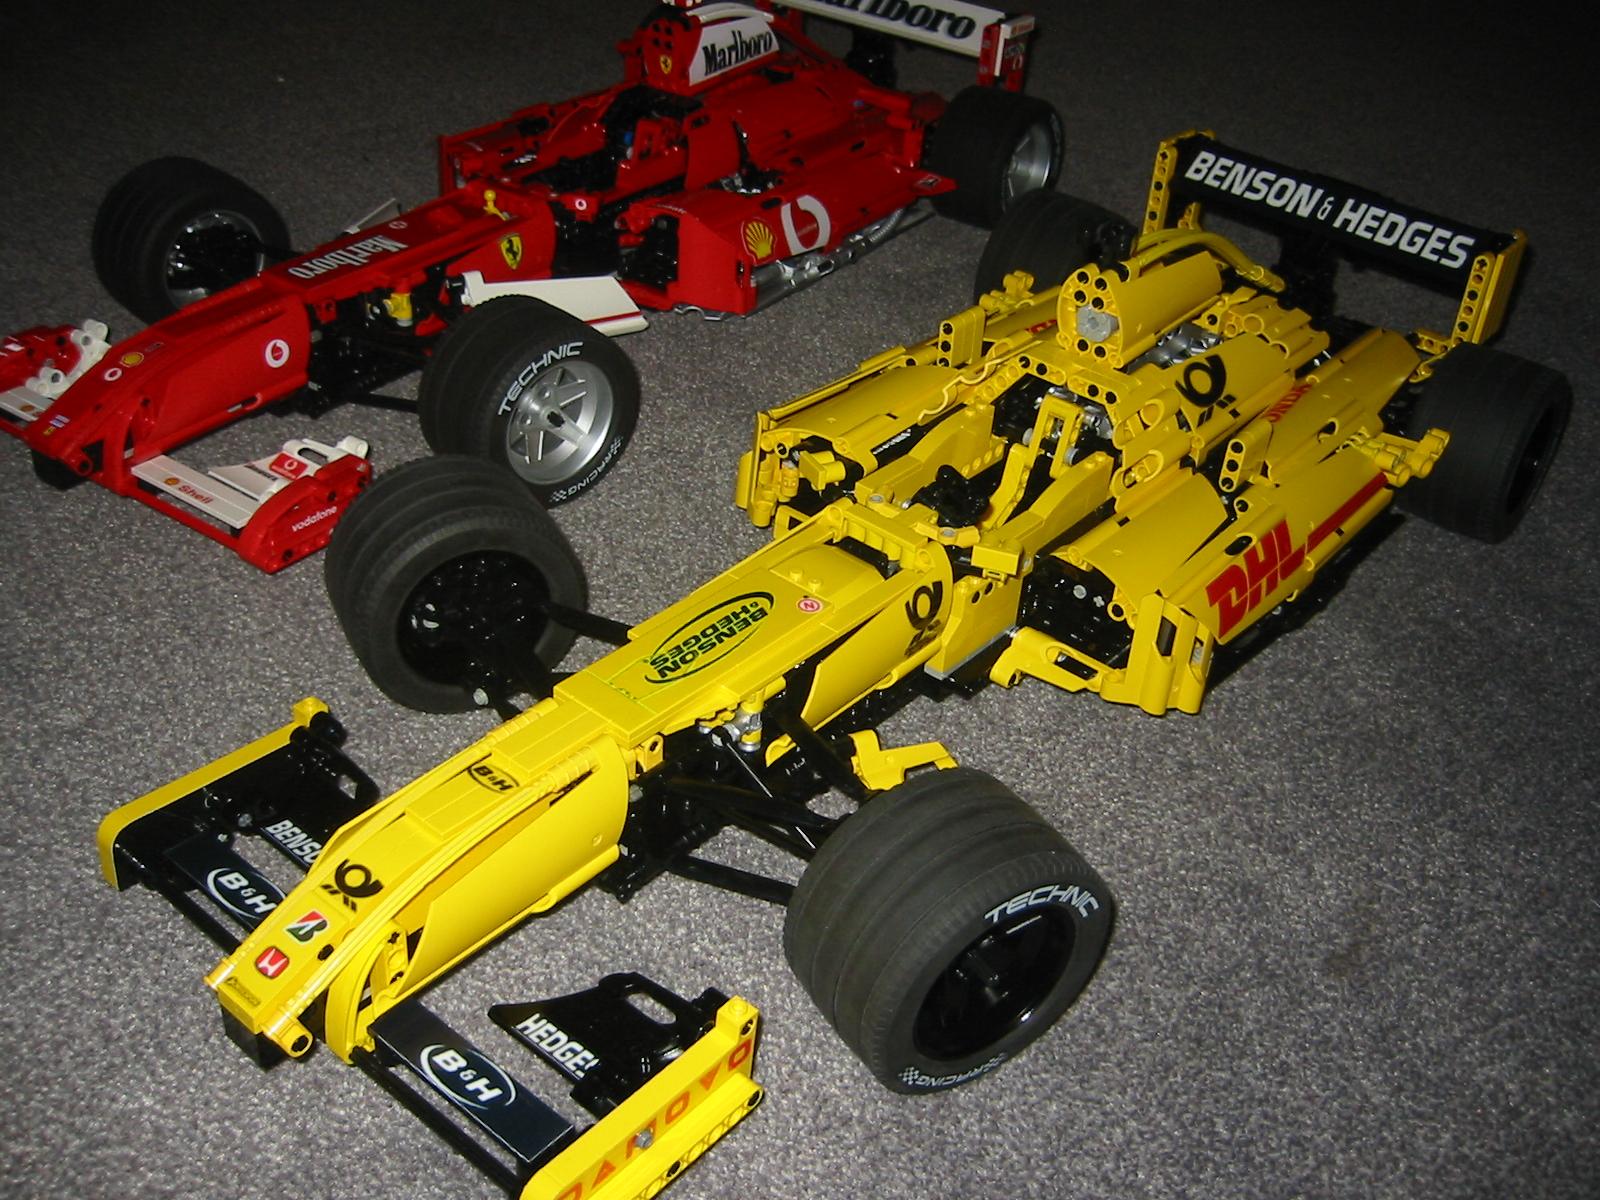 Lego Technic Formula 1 Race Car Best Photos About Simages